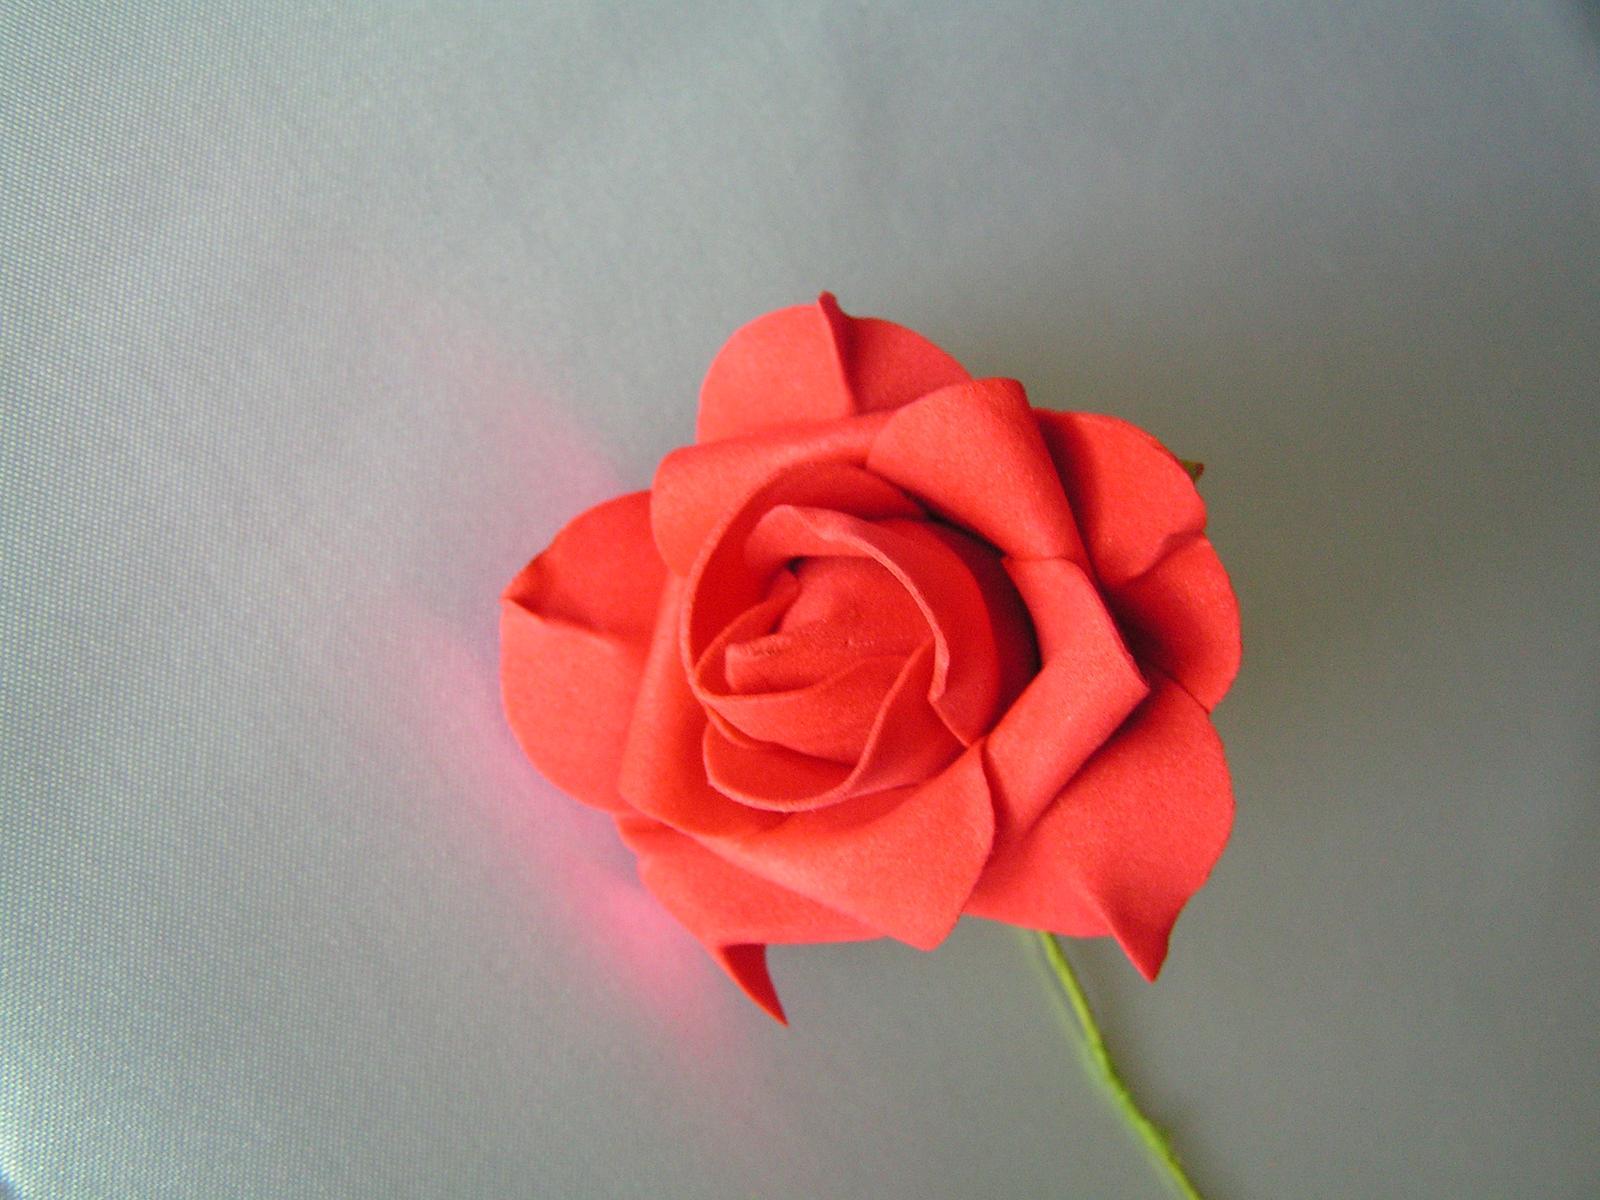 Červené pěnové růže - 8 cm - Obrázek č. 2